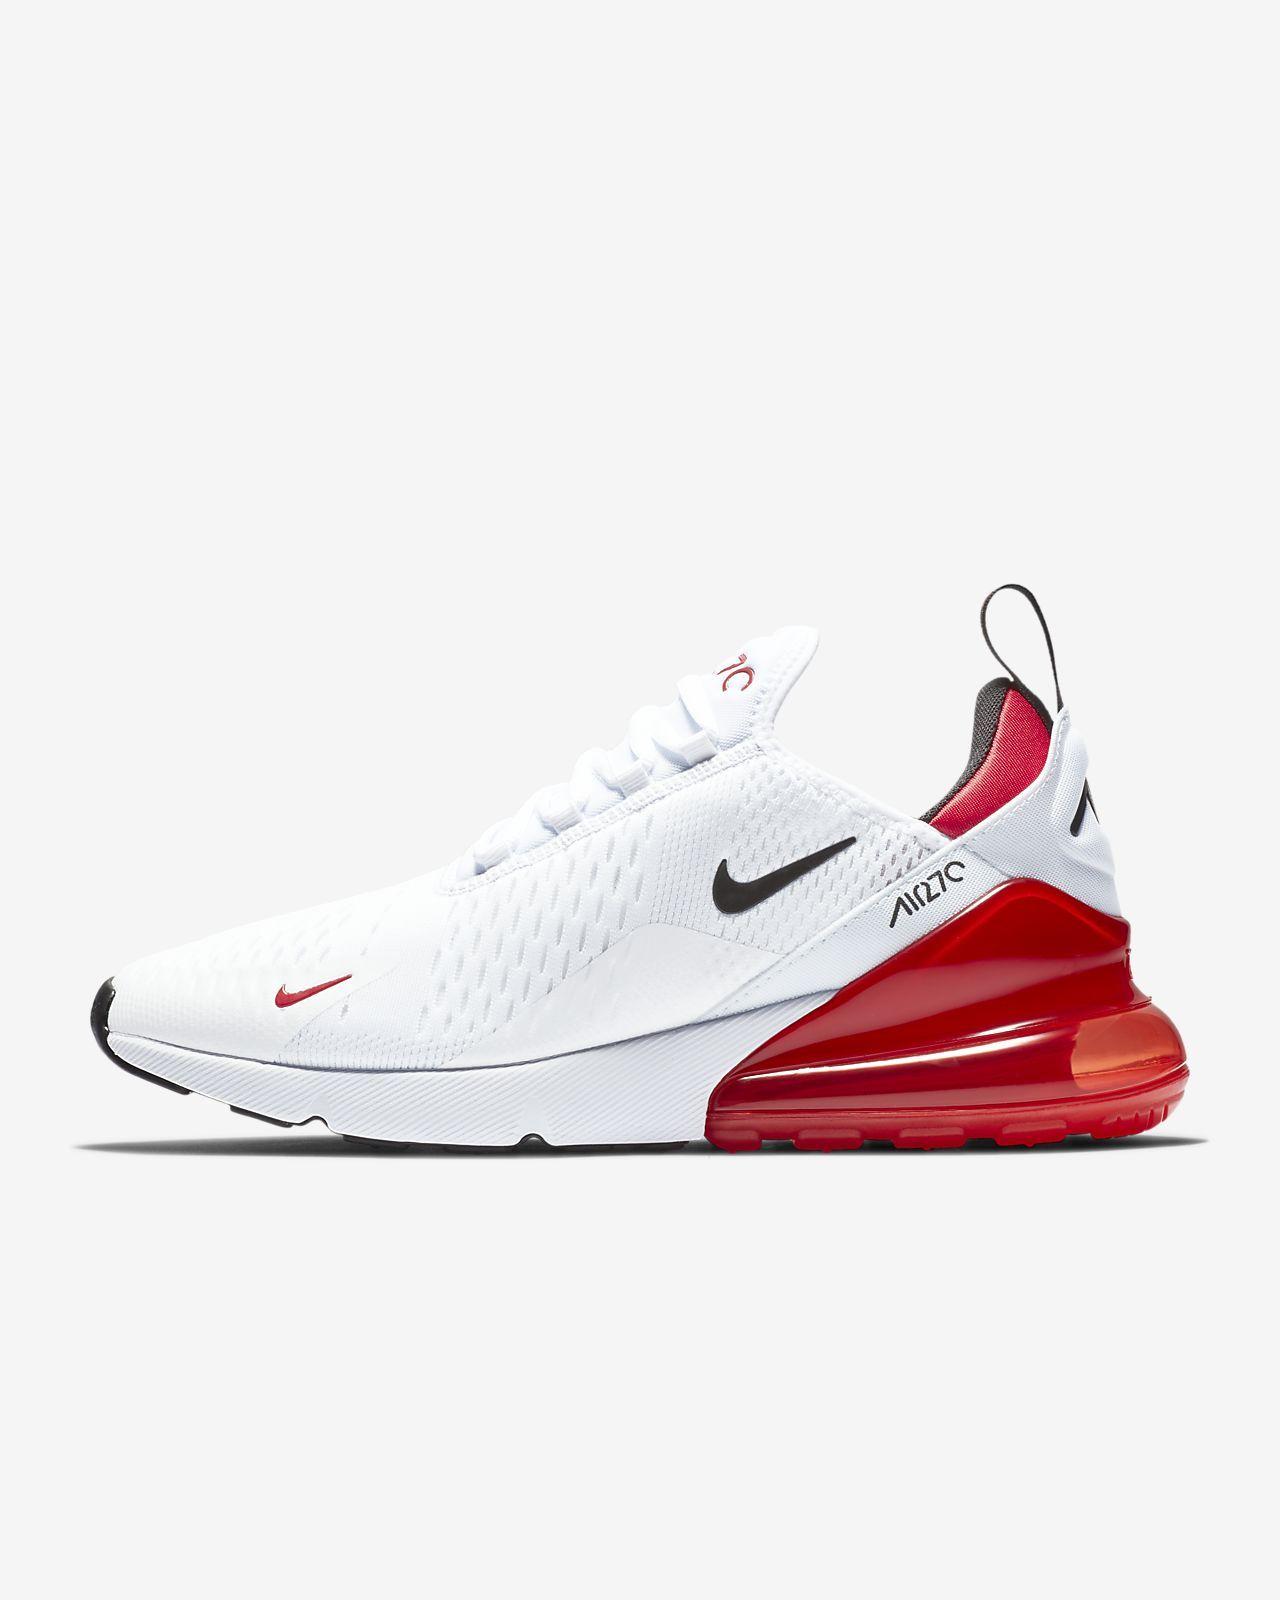 Nike Air Max 270 Men's Shoe | Air max